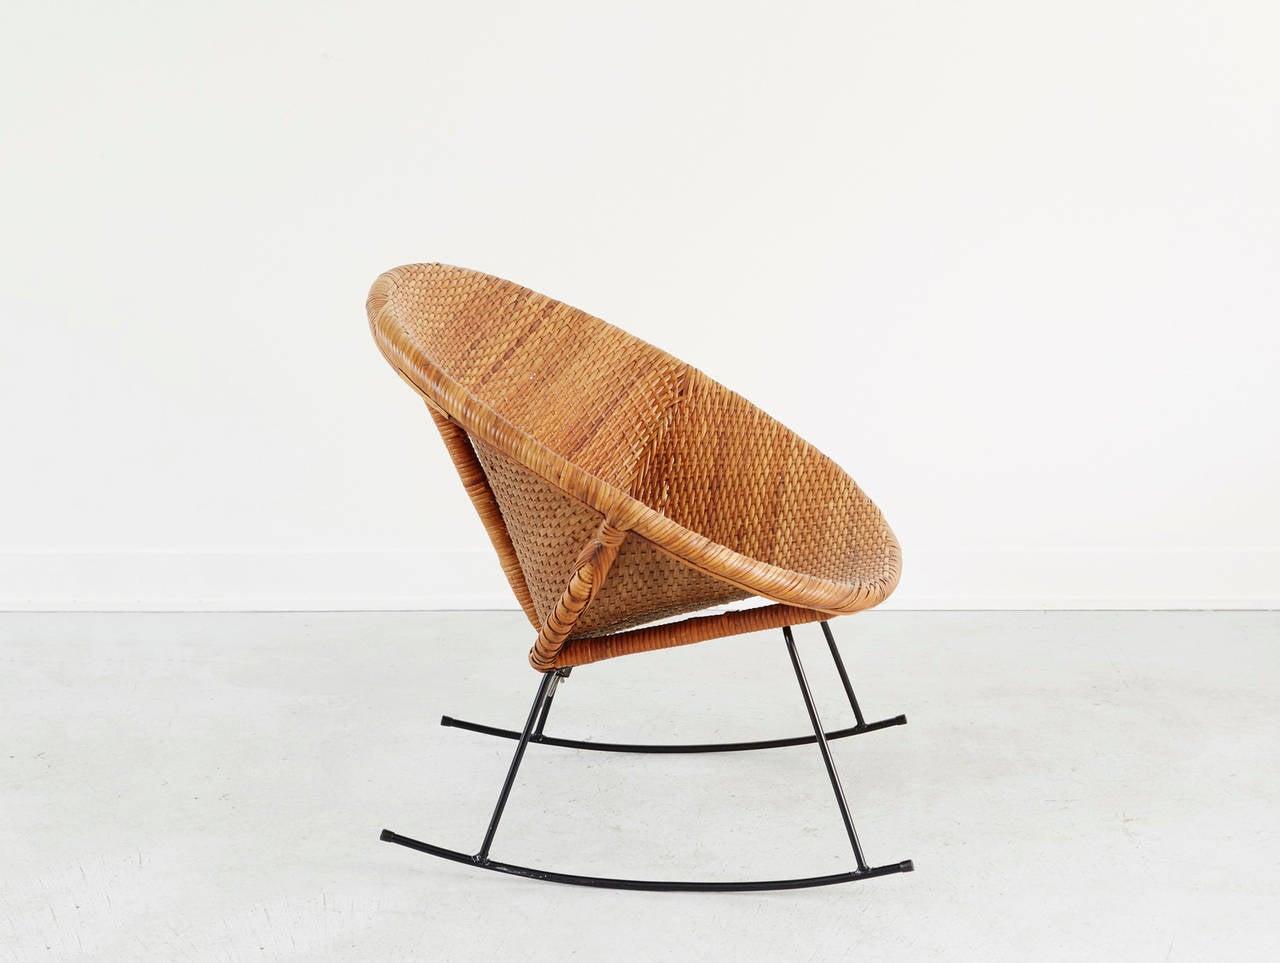 calif asia rattan rocker at 1stdibs. Black Bedroom Furniture Sets. Home Design Ideas